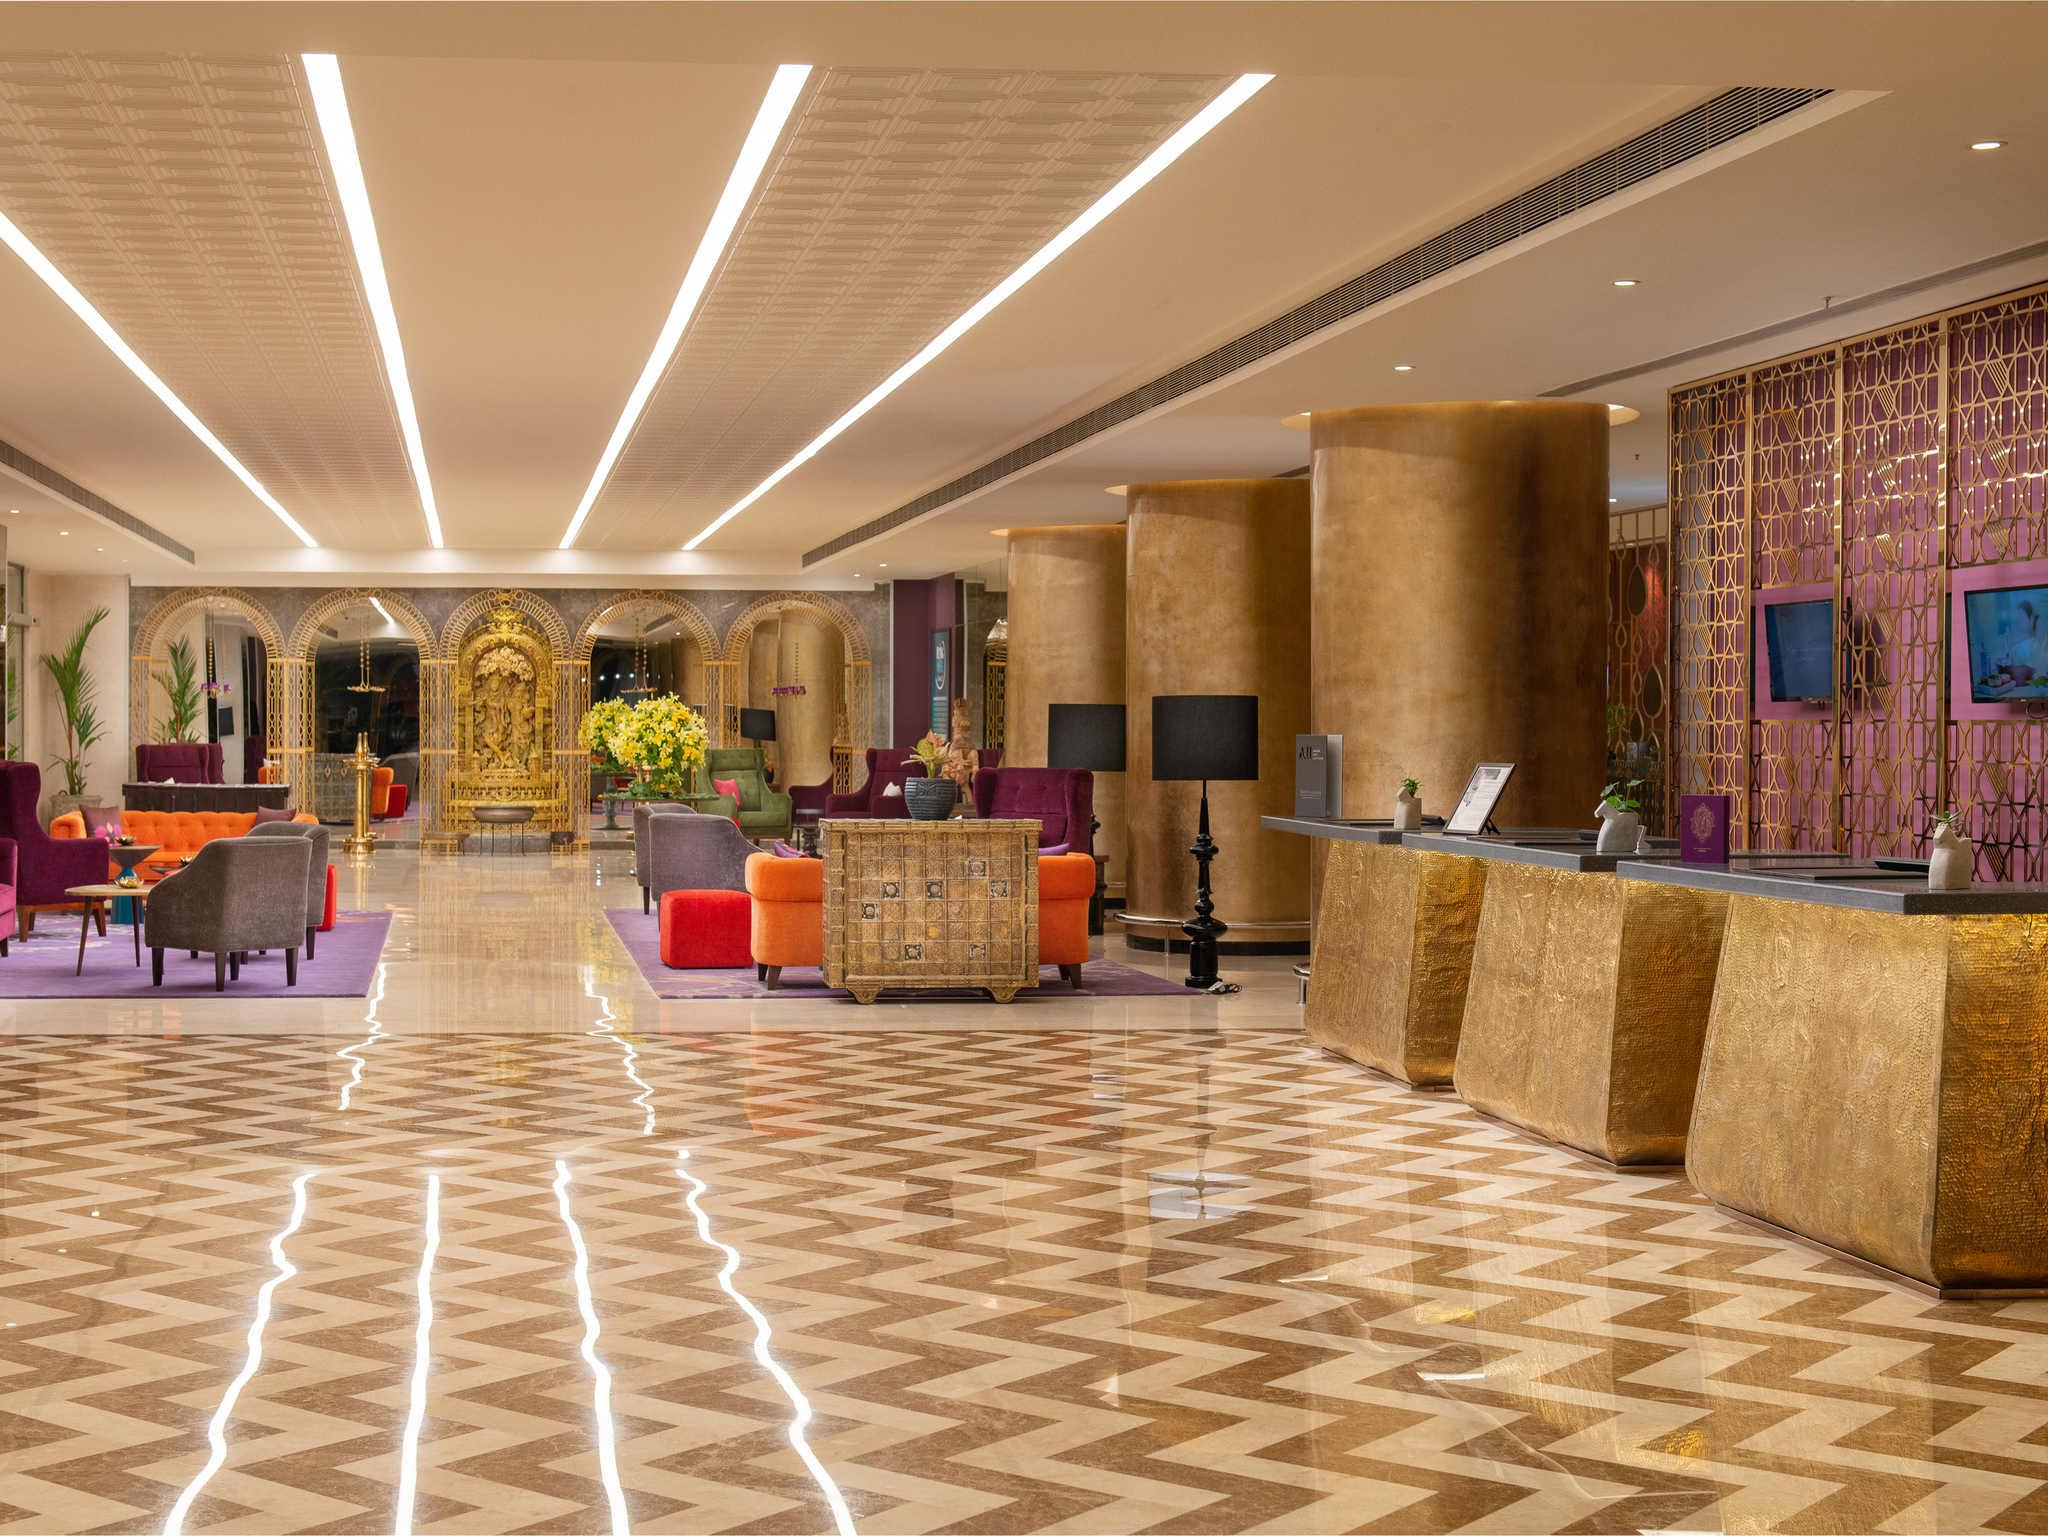 酒店 – 班加罗尔高普兰购物中心美爵酒店(2019 年 1 月开业)